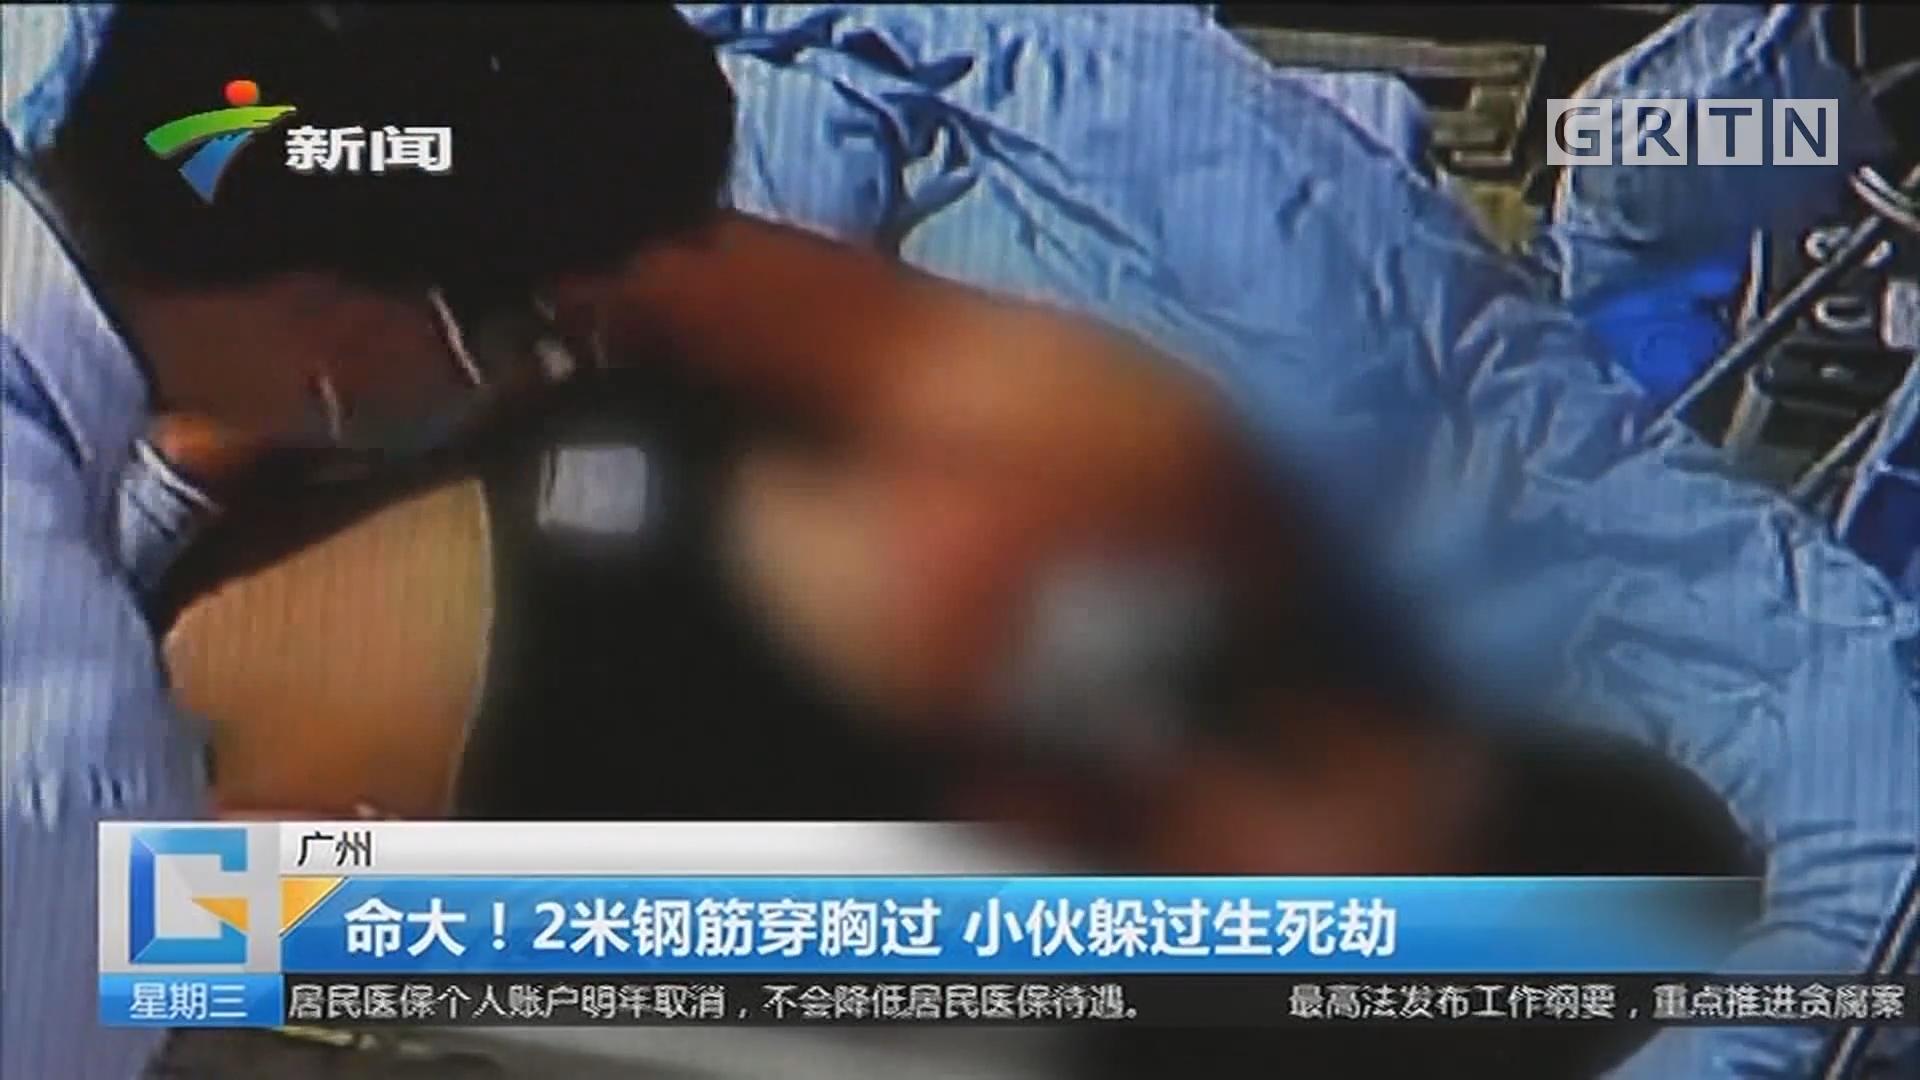 广州:命大!2米钢筋穿胸过 小伙躲过生死劫